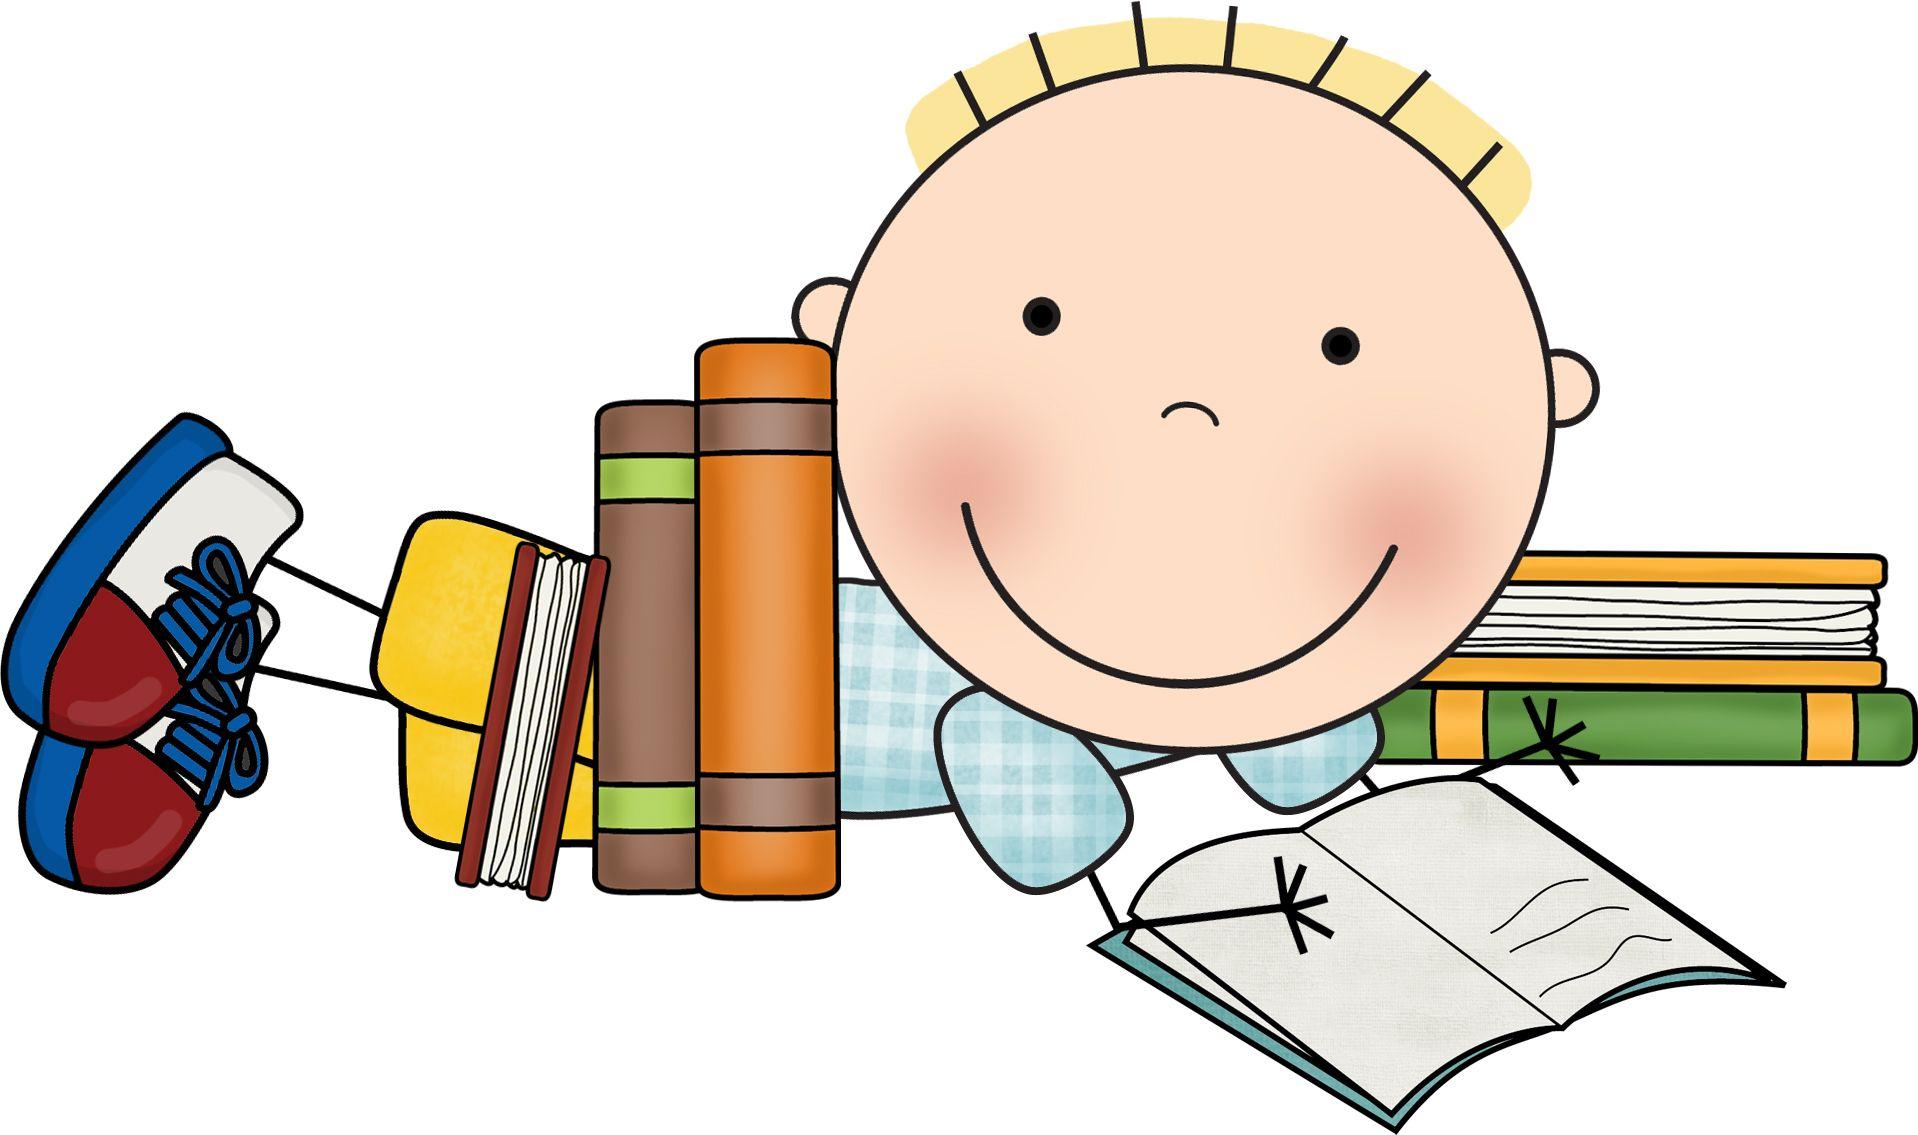 reading literacy clip art 1719218 jpg 1918 1135 behavior rules rh pinterest com literacy clipart free literacy centers clipart